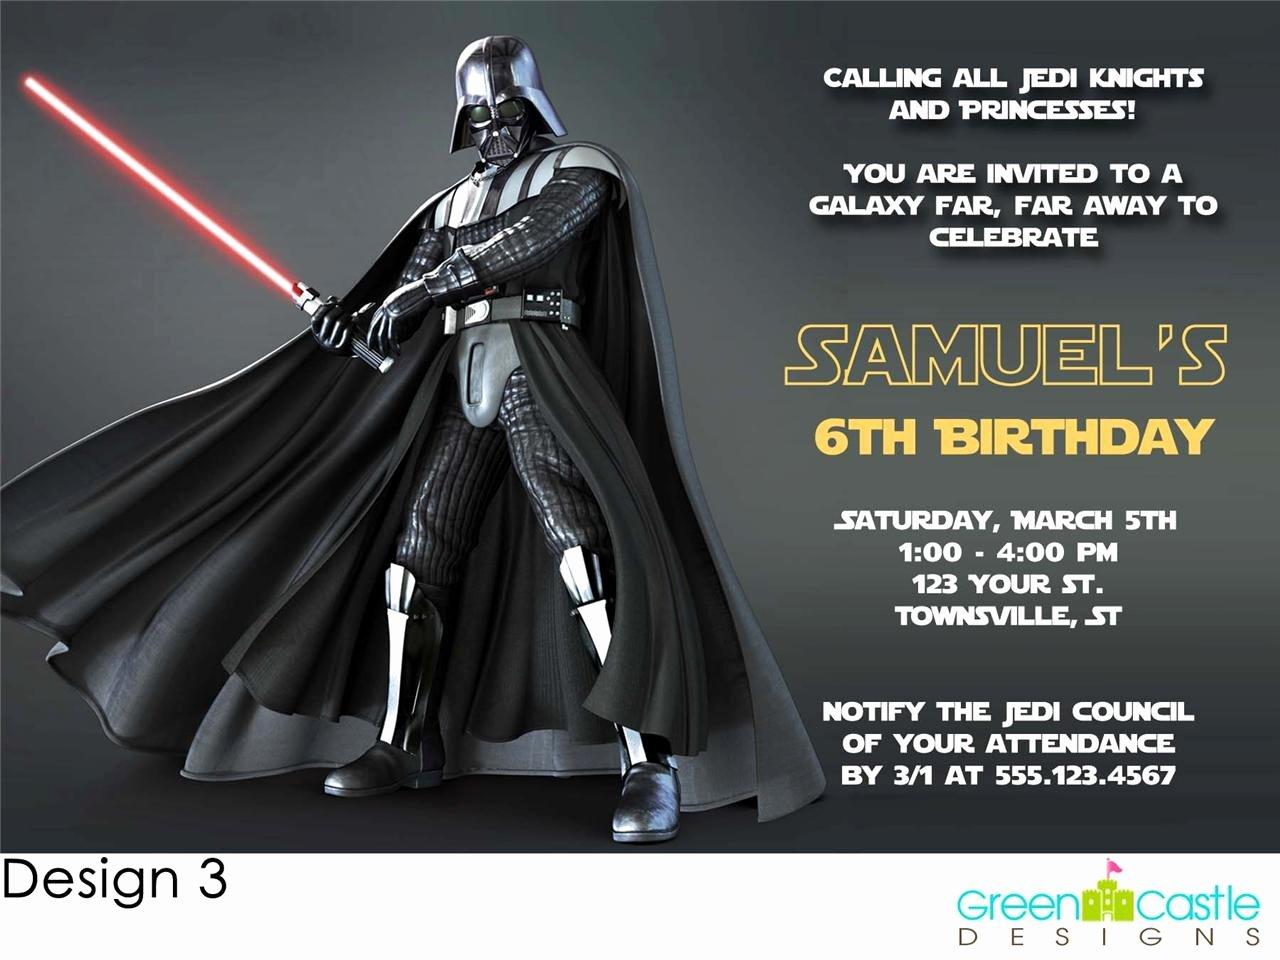 20 Star Wars Invitations Darth Vader Custom